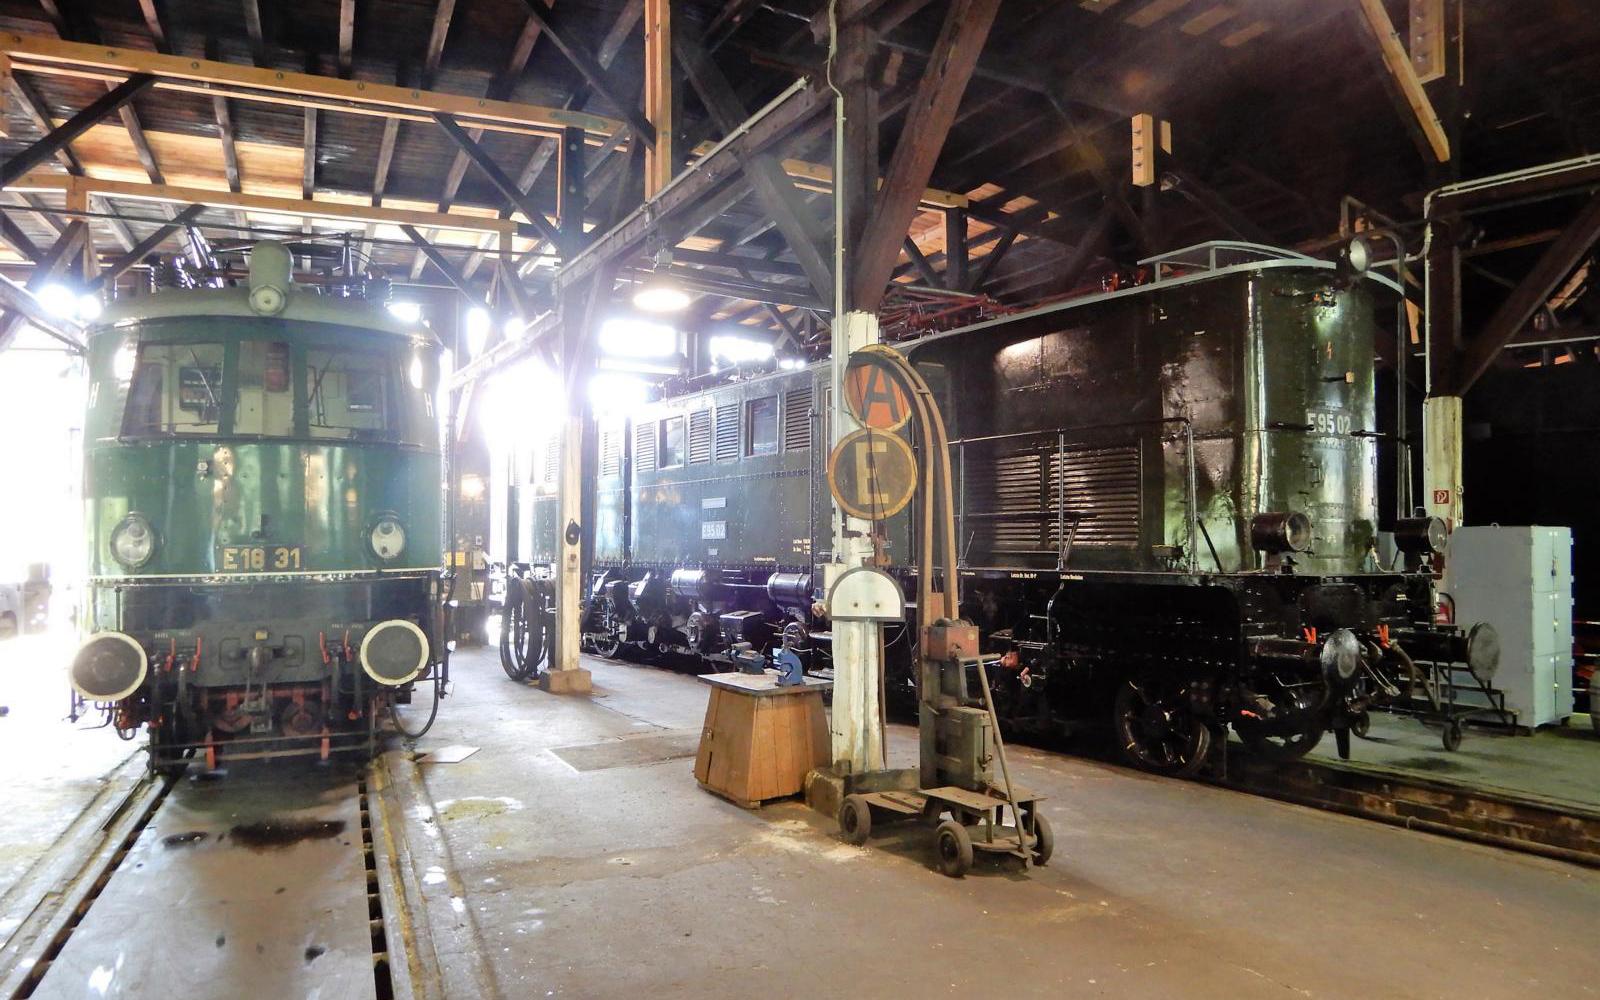 ©Foto: Christian Wodzinski | railmen | Im Lokschuppen des DB Museums Halle